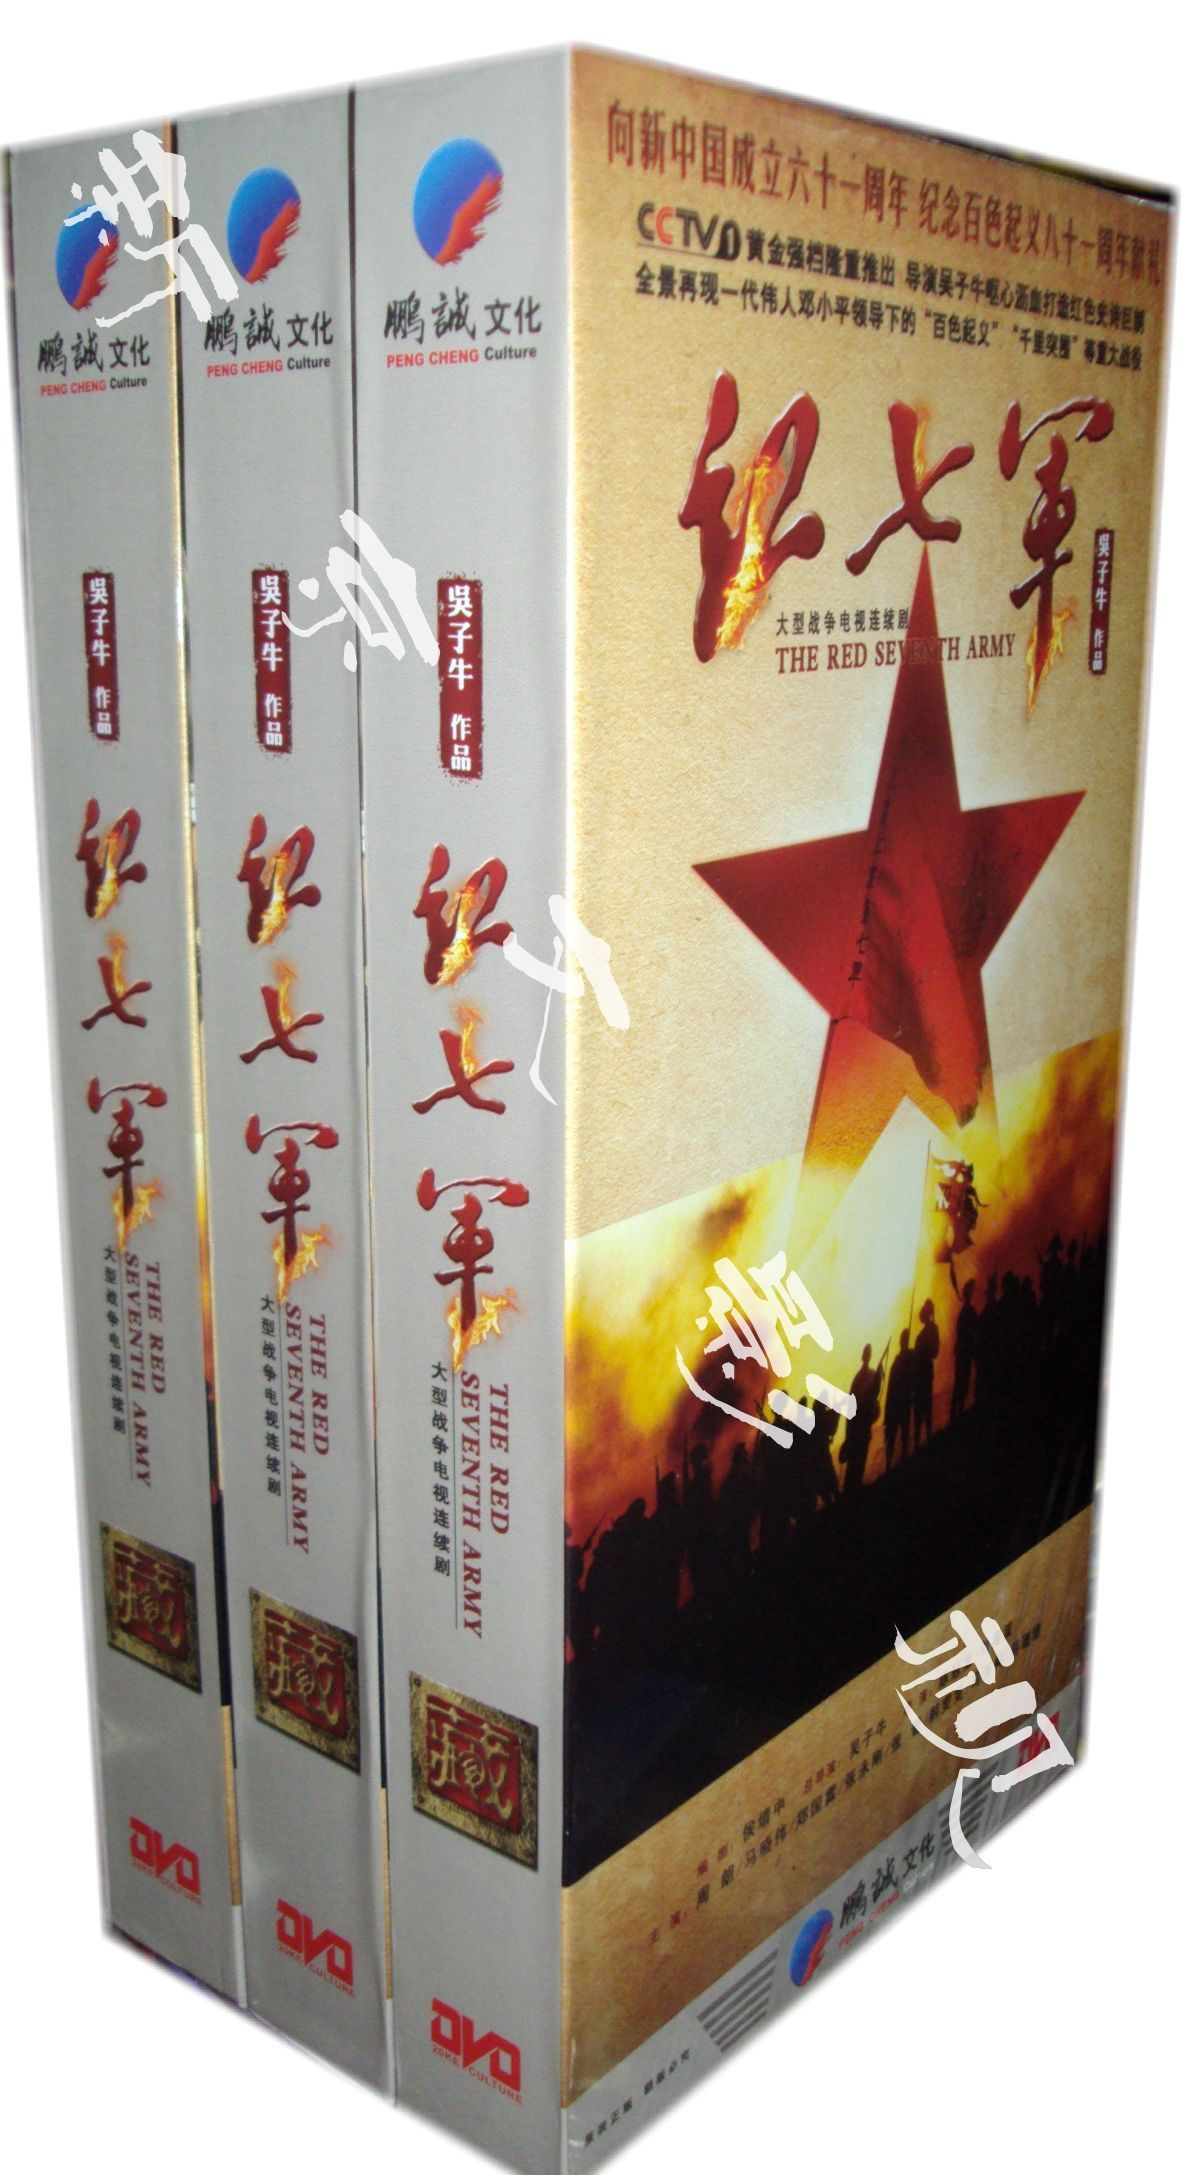 The original TV series Zhou Lang Ma Xiaowei Zheng Guolin hongqijun 9DVD Edition